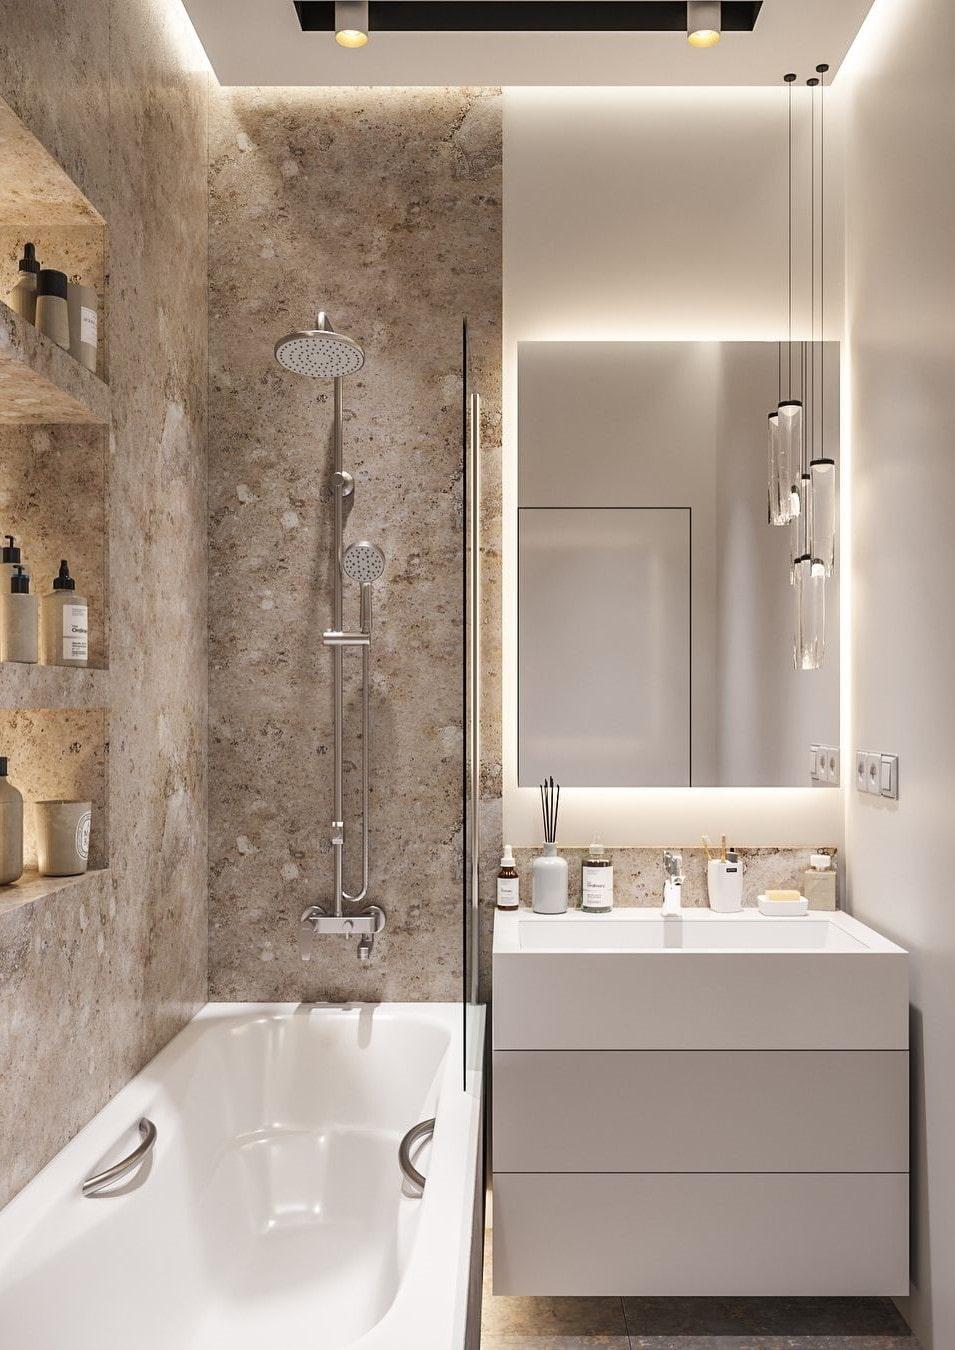 современный дизайн ванной комнаты маленького размера